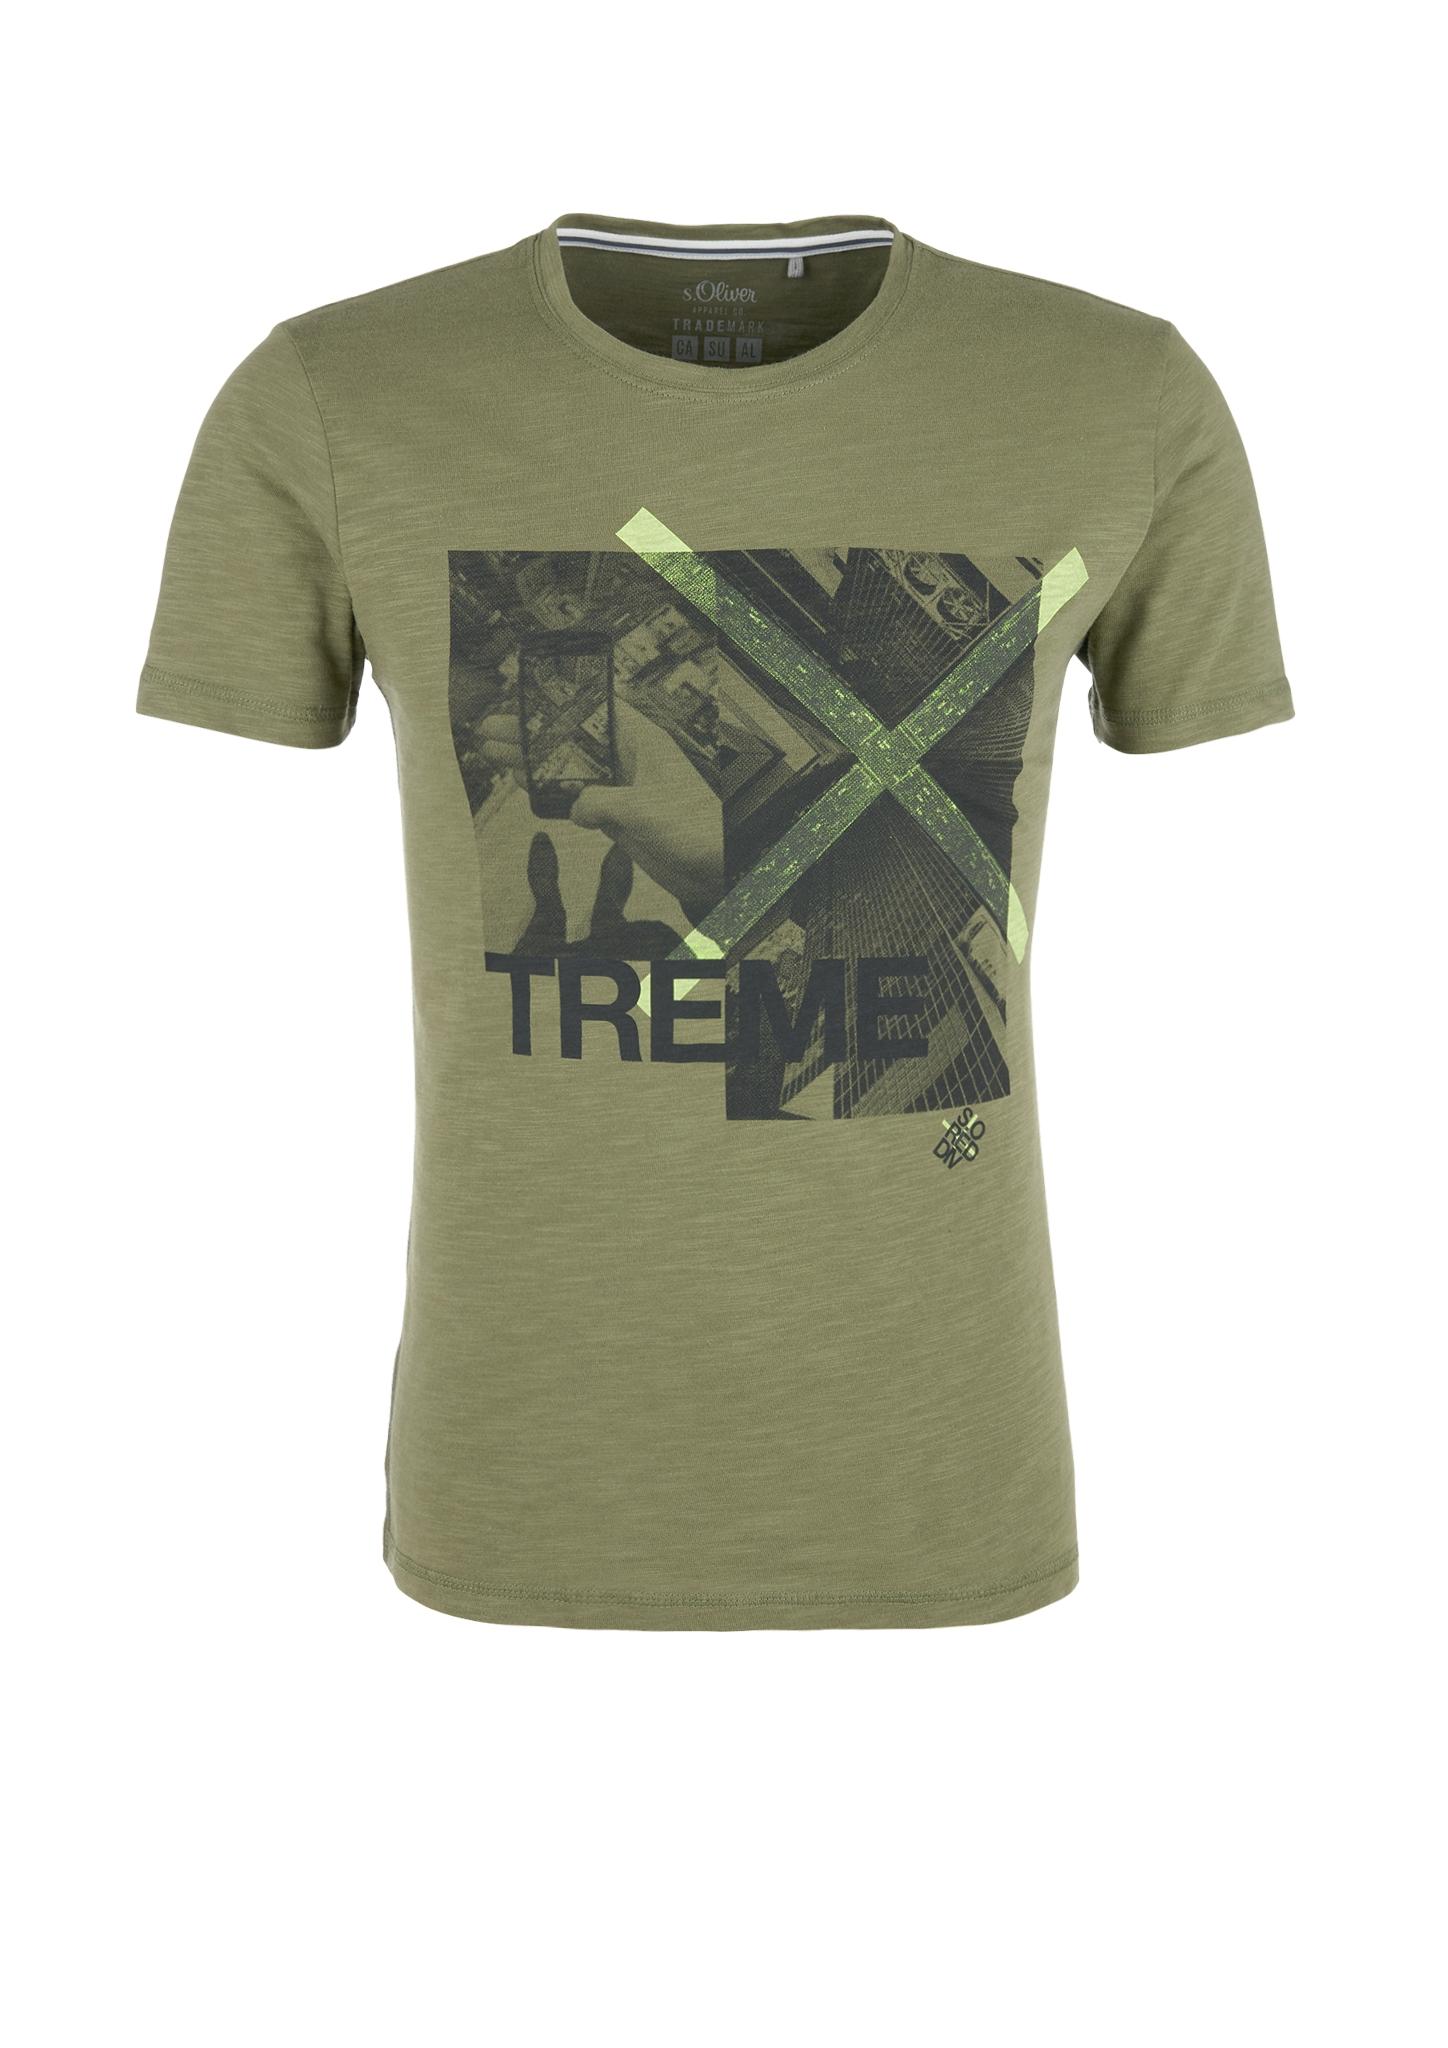 T-Shirt | Bekleidung > Shirts > Sonstige Shirts | Grün | 100% baumwolle | s.Oliver